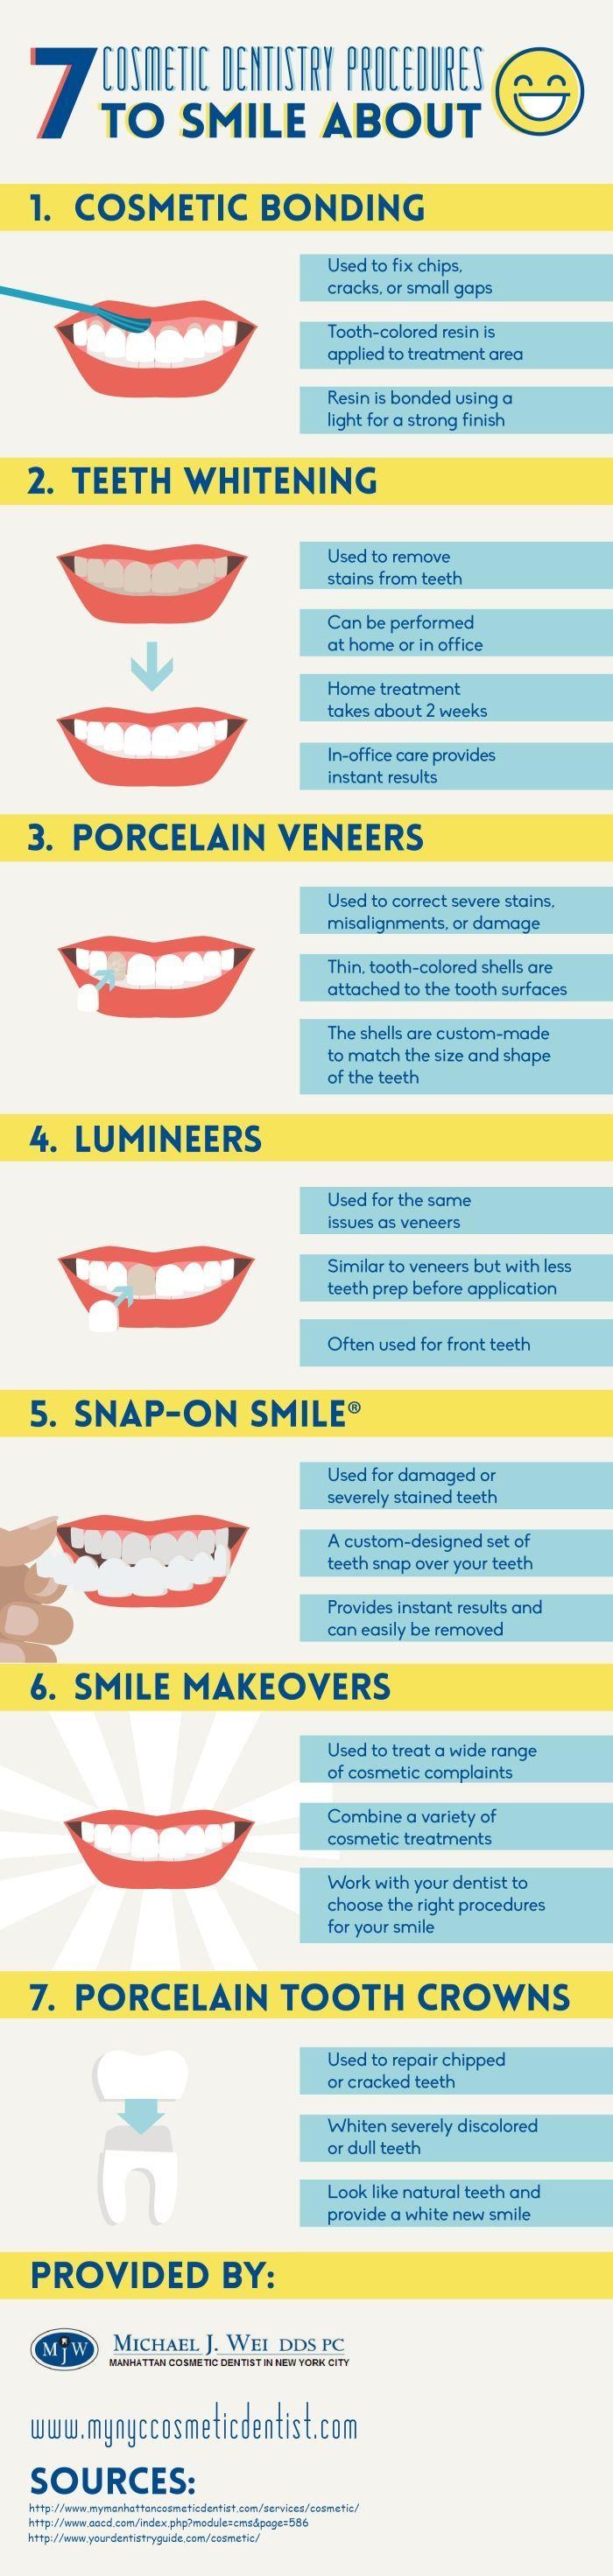 les 198 meilleures images du tableau oral health sur pinterest